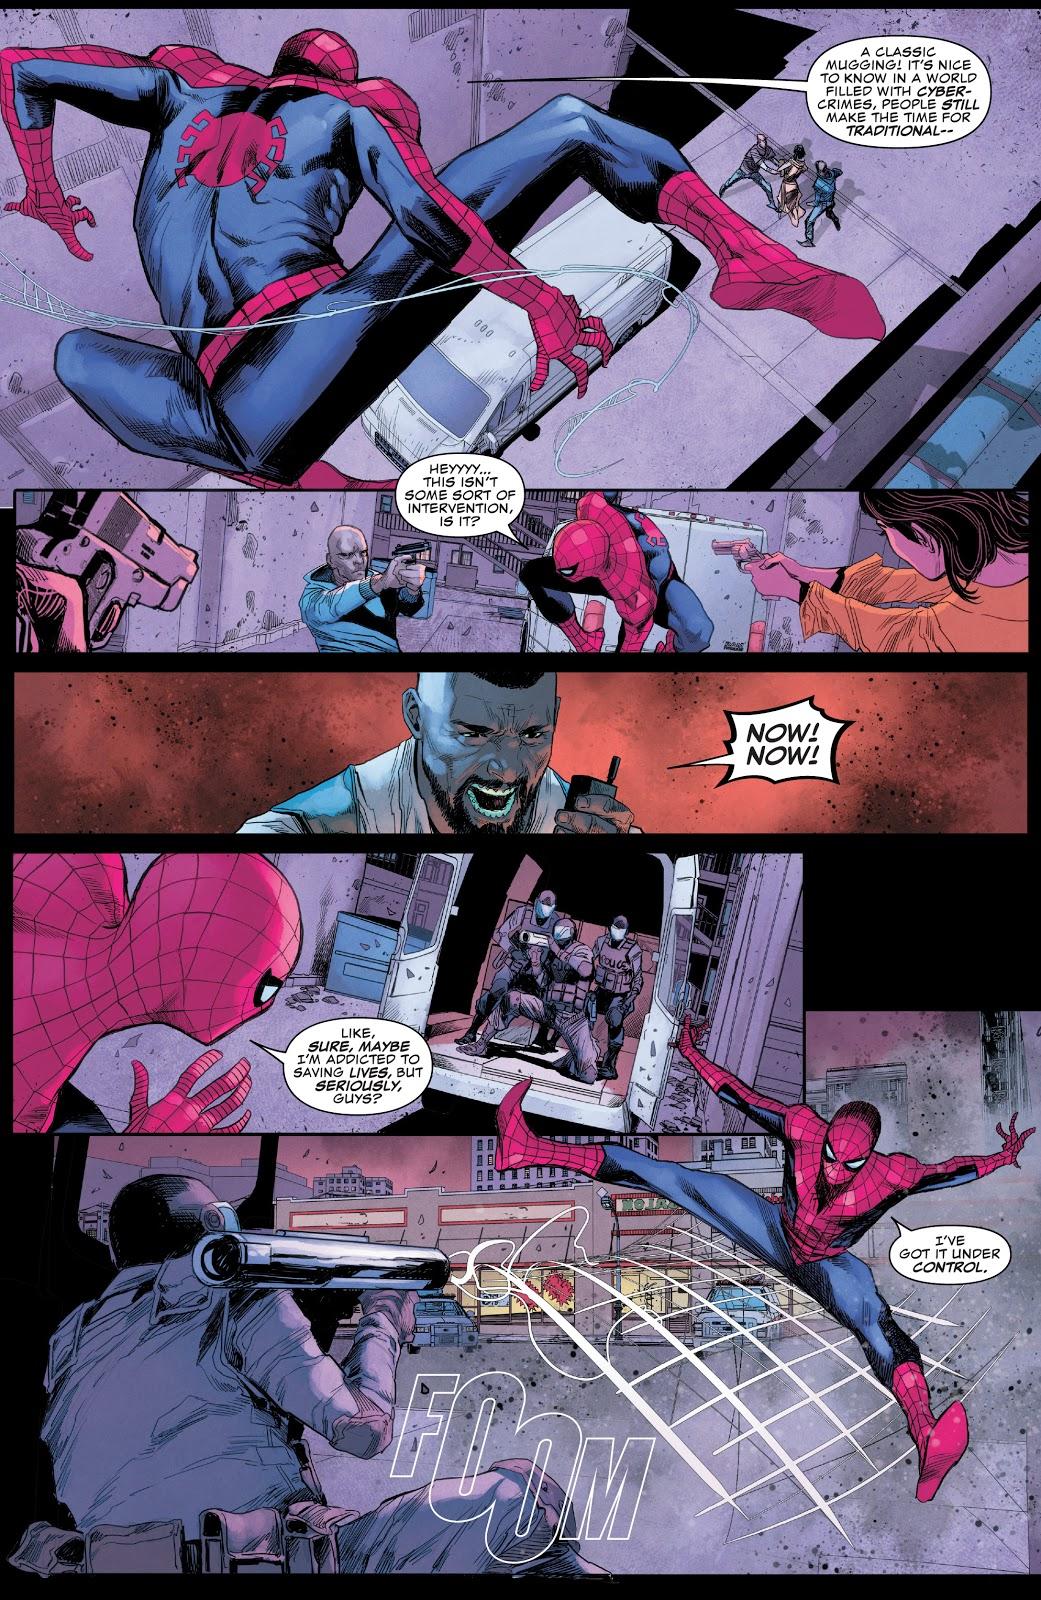 NYPD Tries To Arrest Spider-Man (Daredevil Vol. 6 #11)